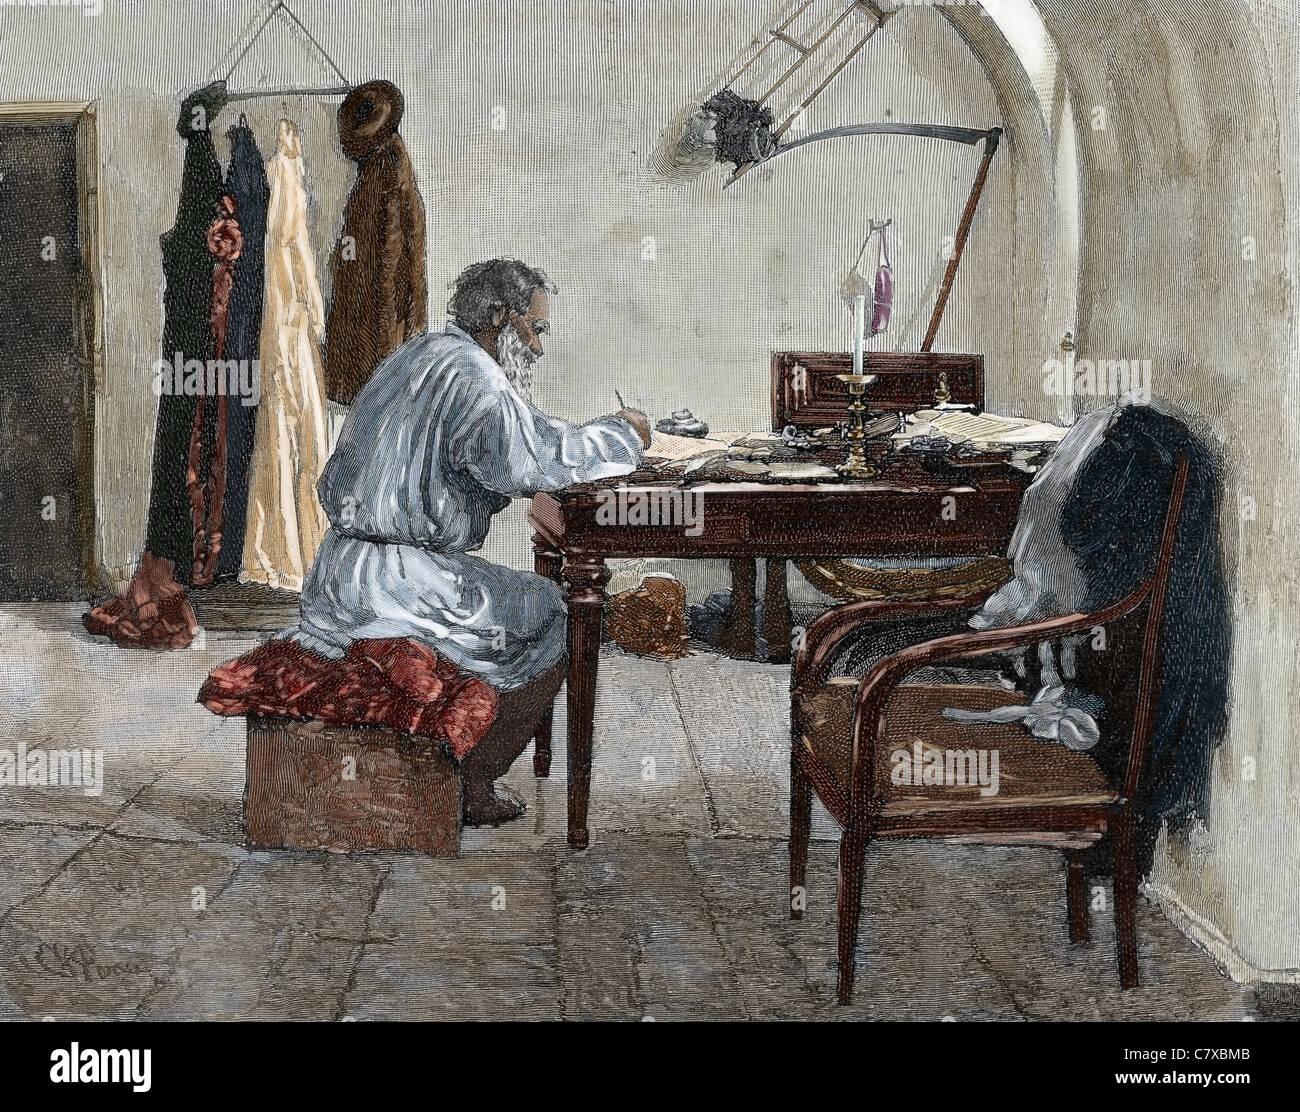 León Tolstoi (1828-1910). El escritor ruso. Totlstoy en su sala de trabajo. Imagen De Stock